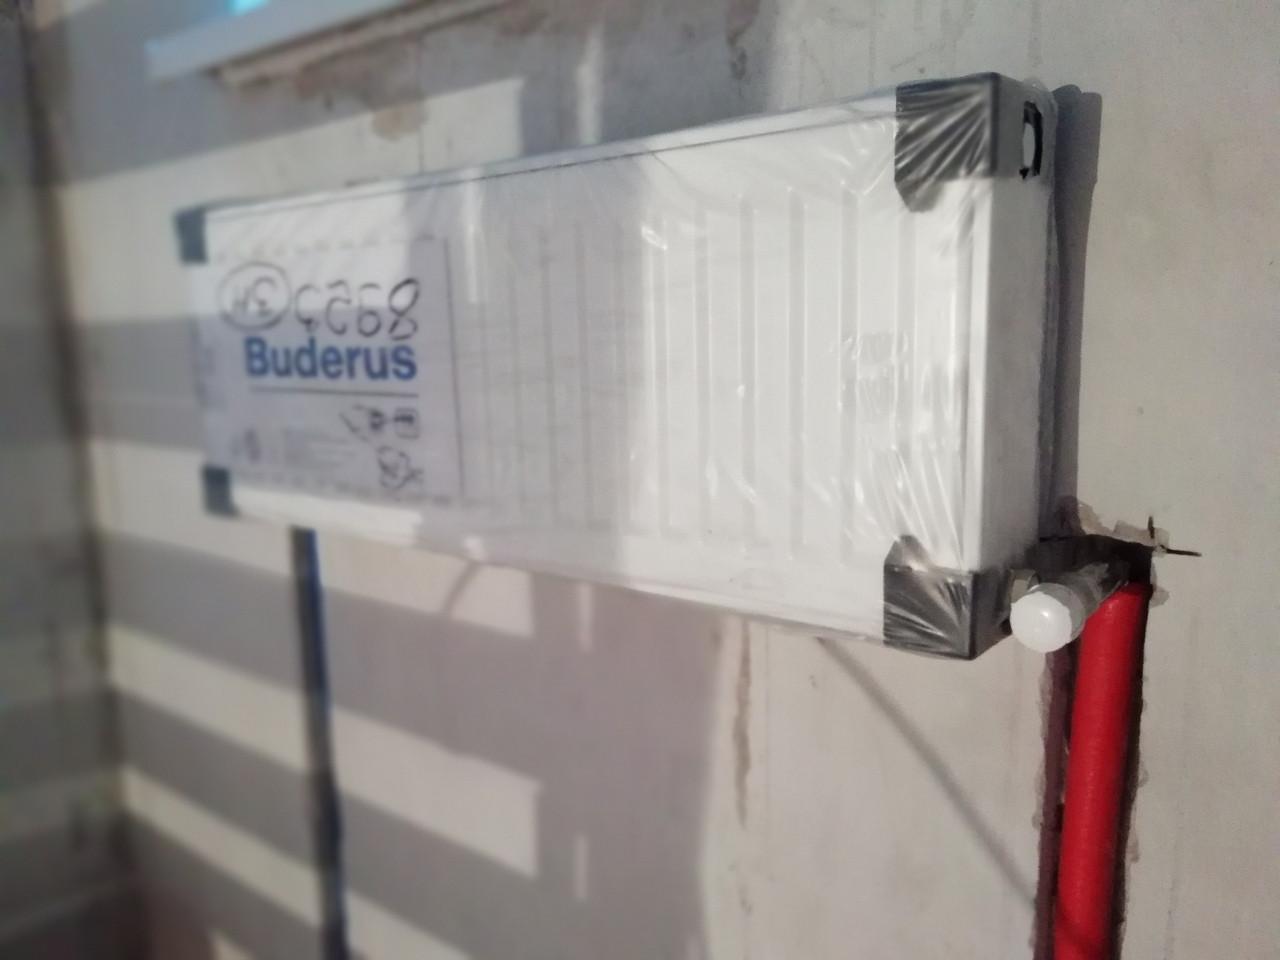 Стальной конвектор с боковым подключением с низу, подключение из стены, скрытое, лучевой системы отопления, труба для подключения: высоко температурный сшитый на молекулярном уровне полиэтилен.